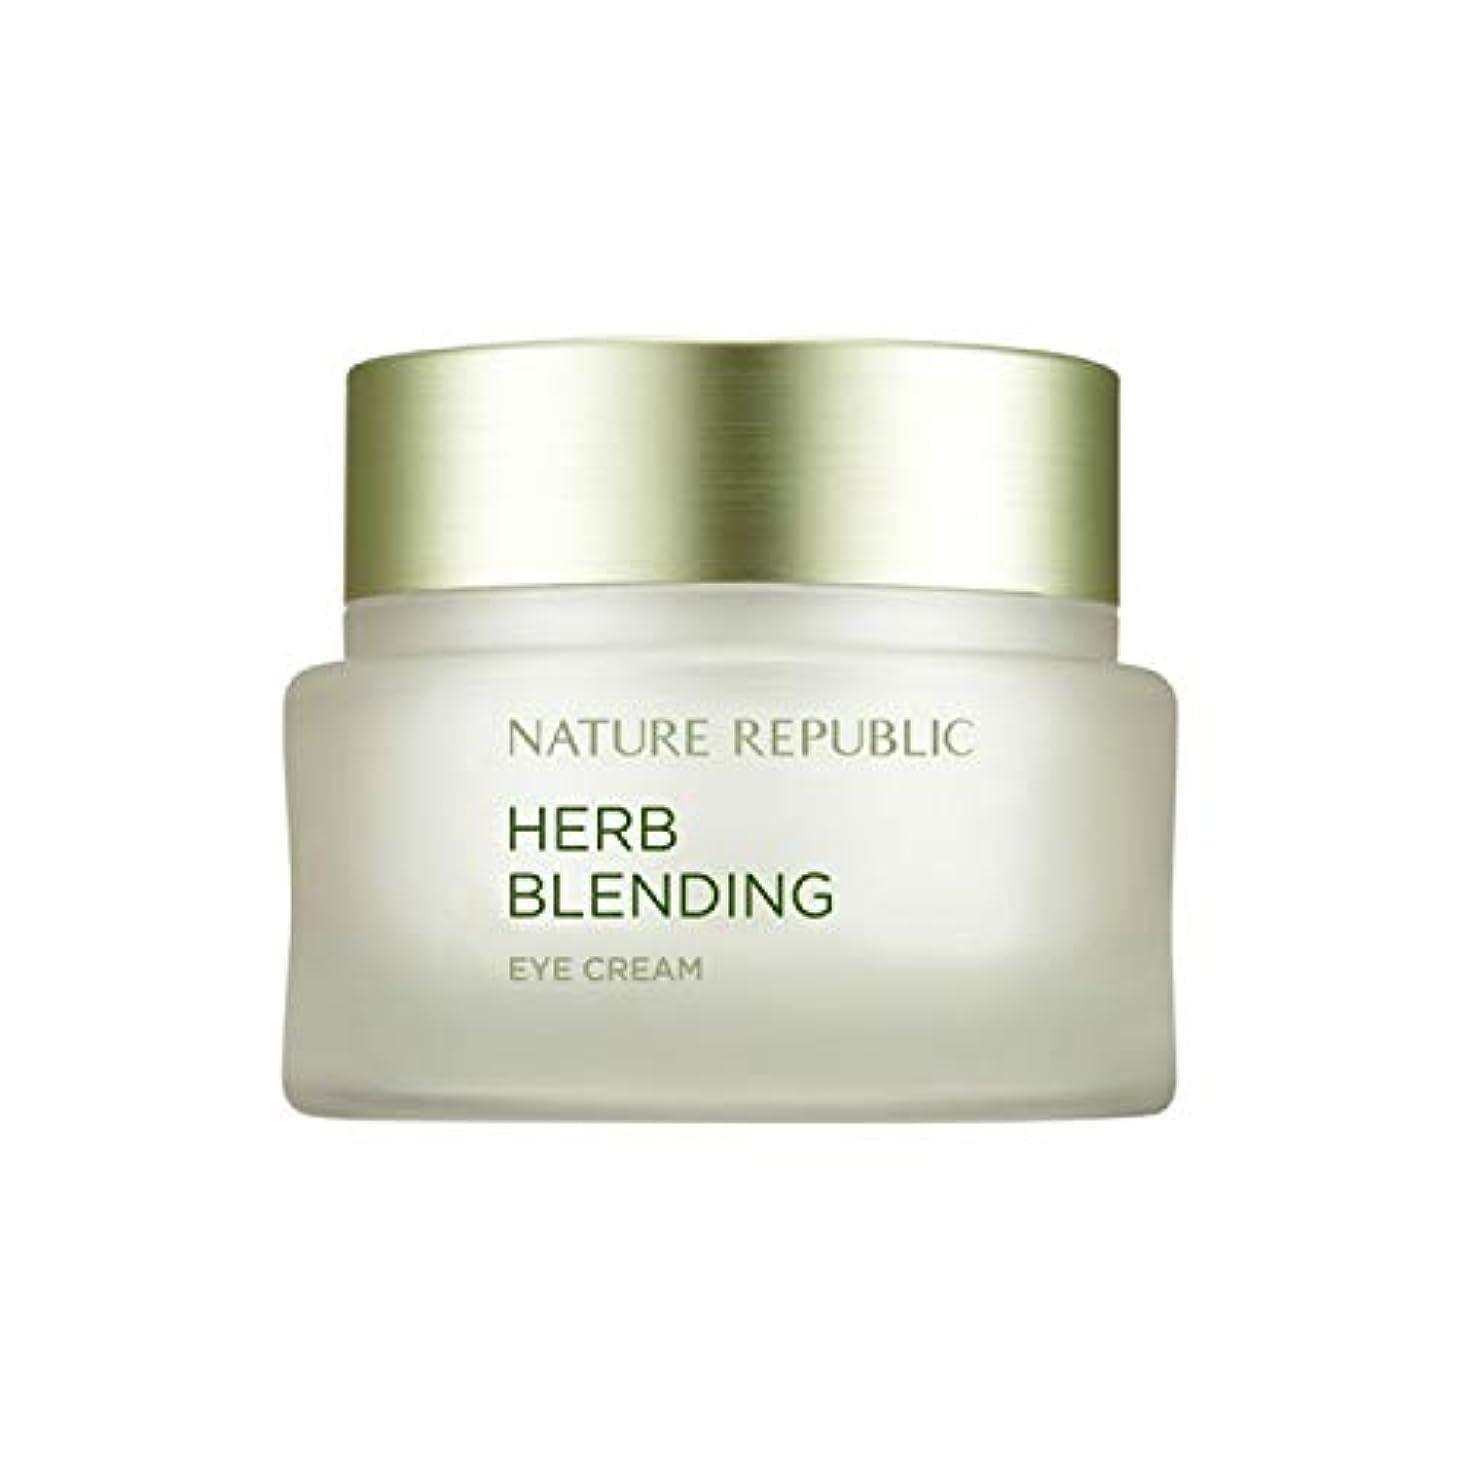 苗あたり満足ネイチャーリパブリック(Nature Republic)ハブブレンドアイクリーム 25ml / Herb Blending Eye Cream 25ml :: 韓国コスメ [並行輸入品]